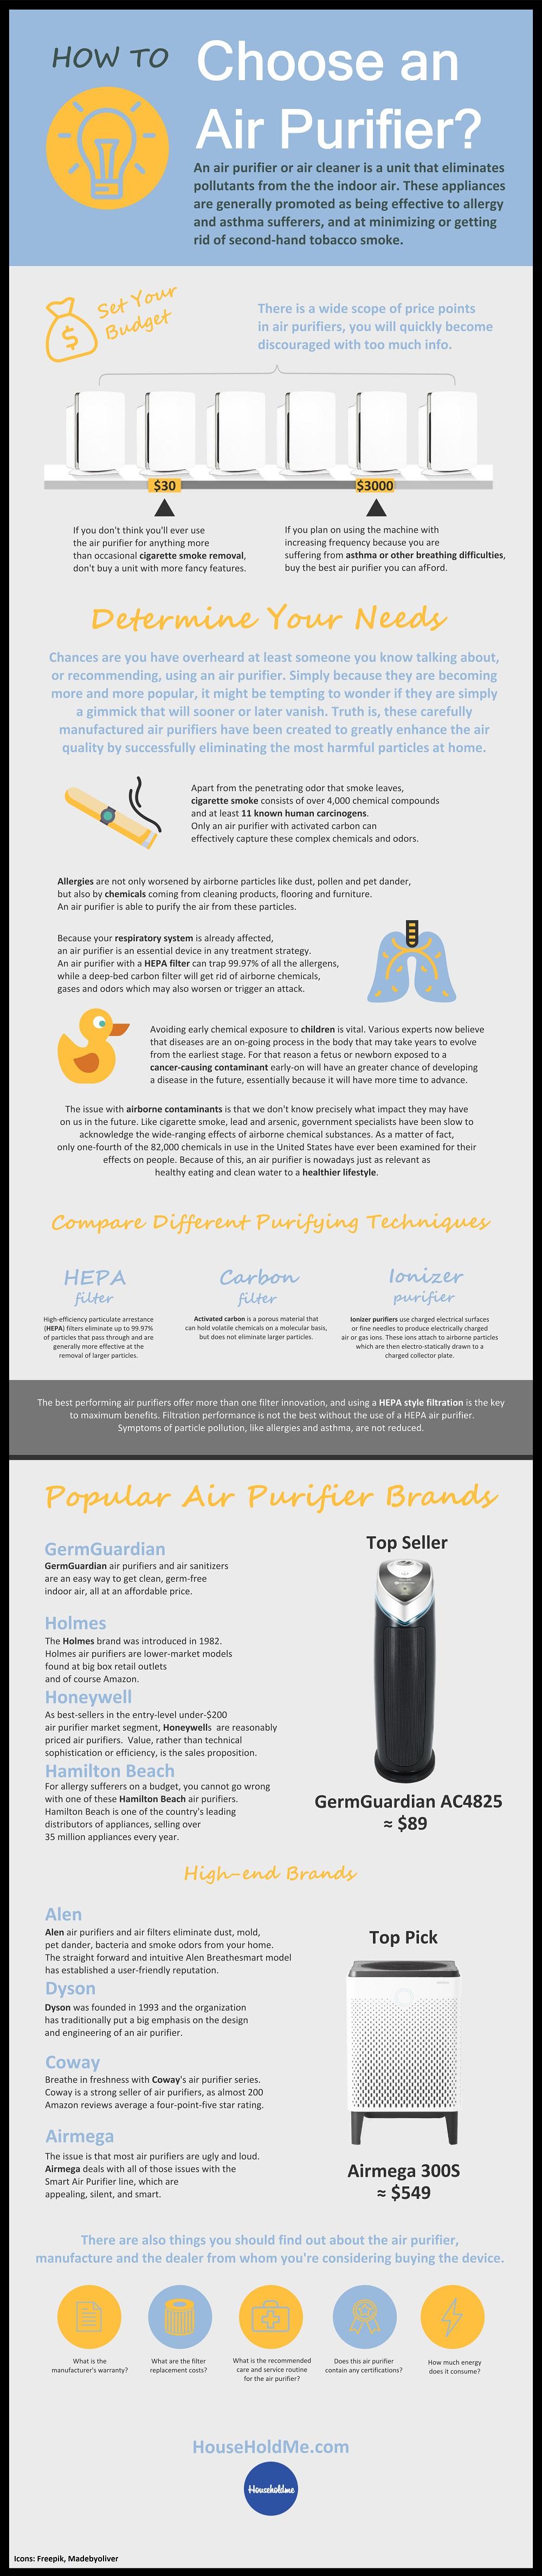 How to Choose an Air Purifier